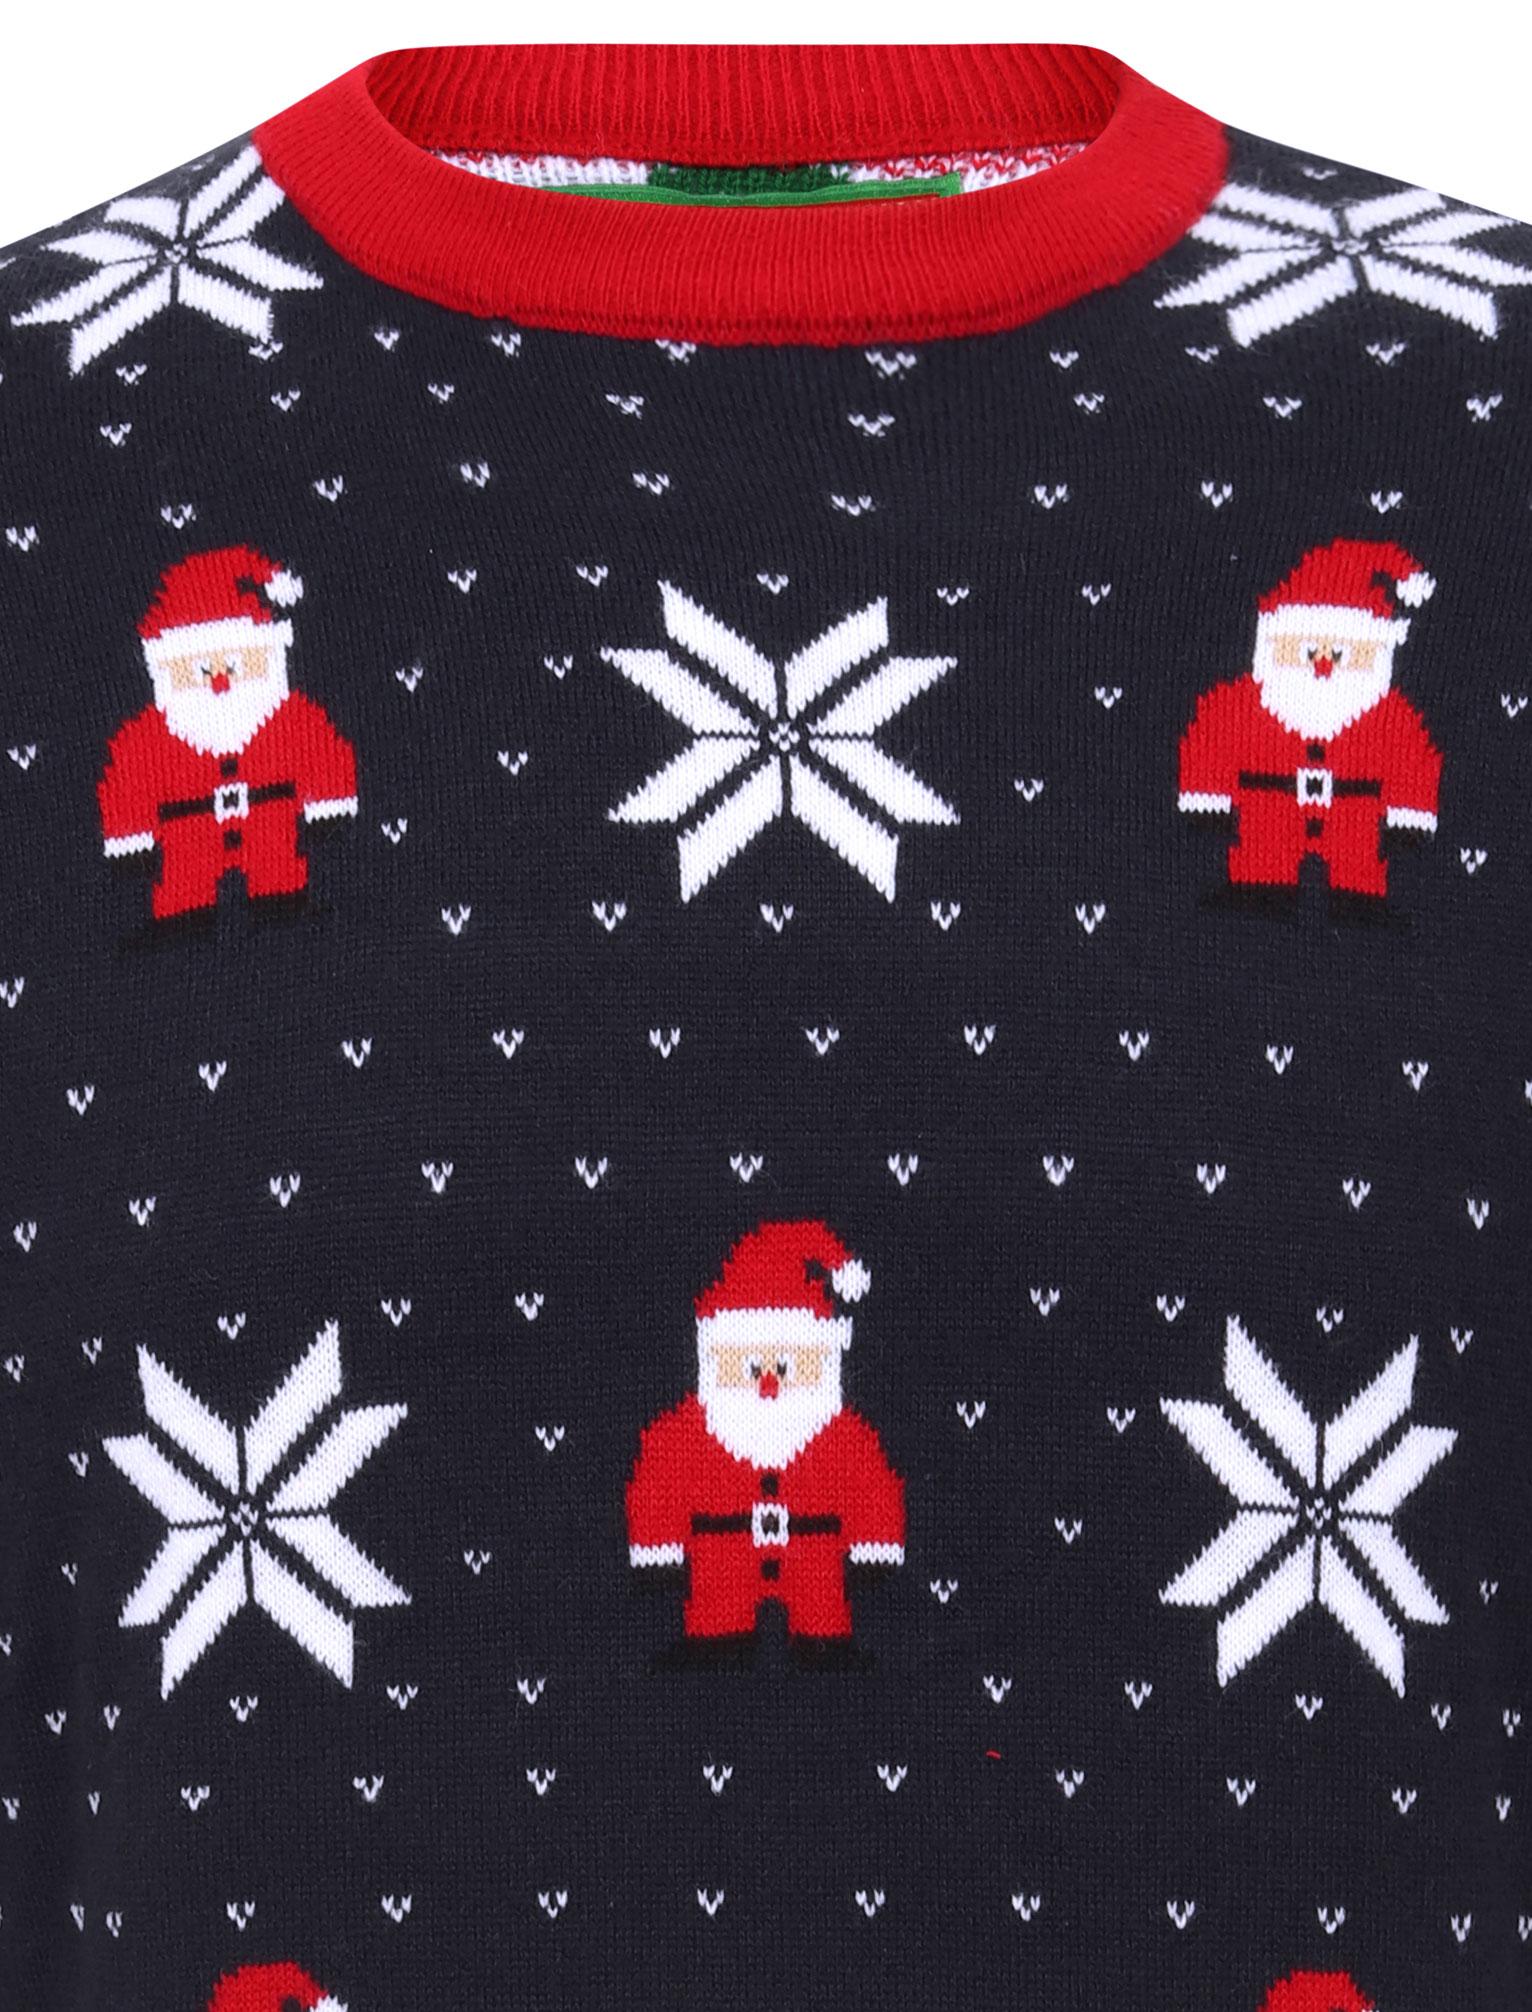 Feliz-Navidad-Para-Hombre-Novedad-Navidad-Sueter-Santa-Elfo-Reno-divertido-Cerveza miniatura 71